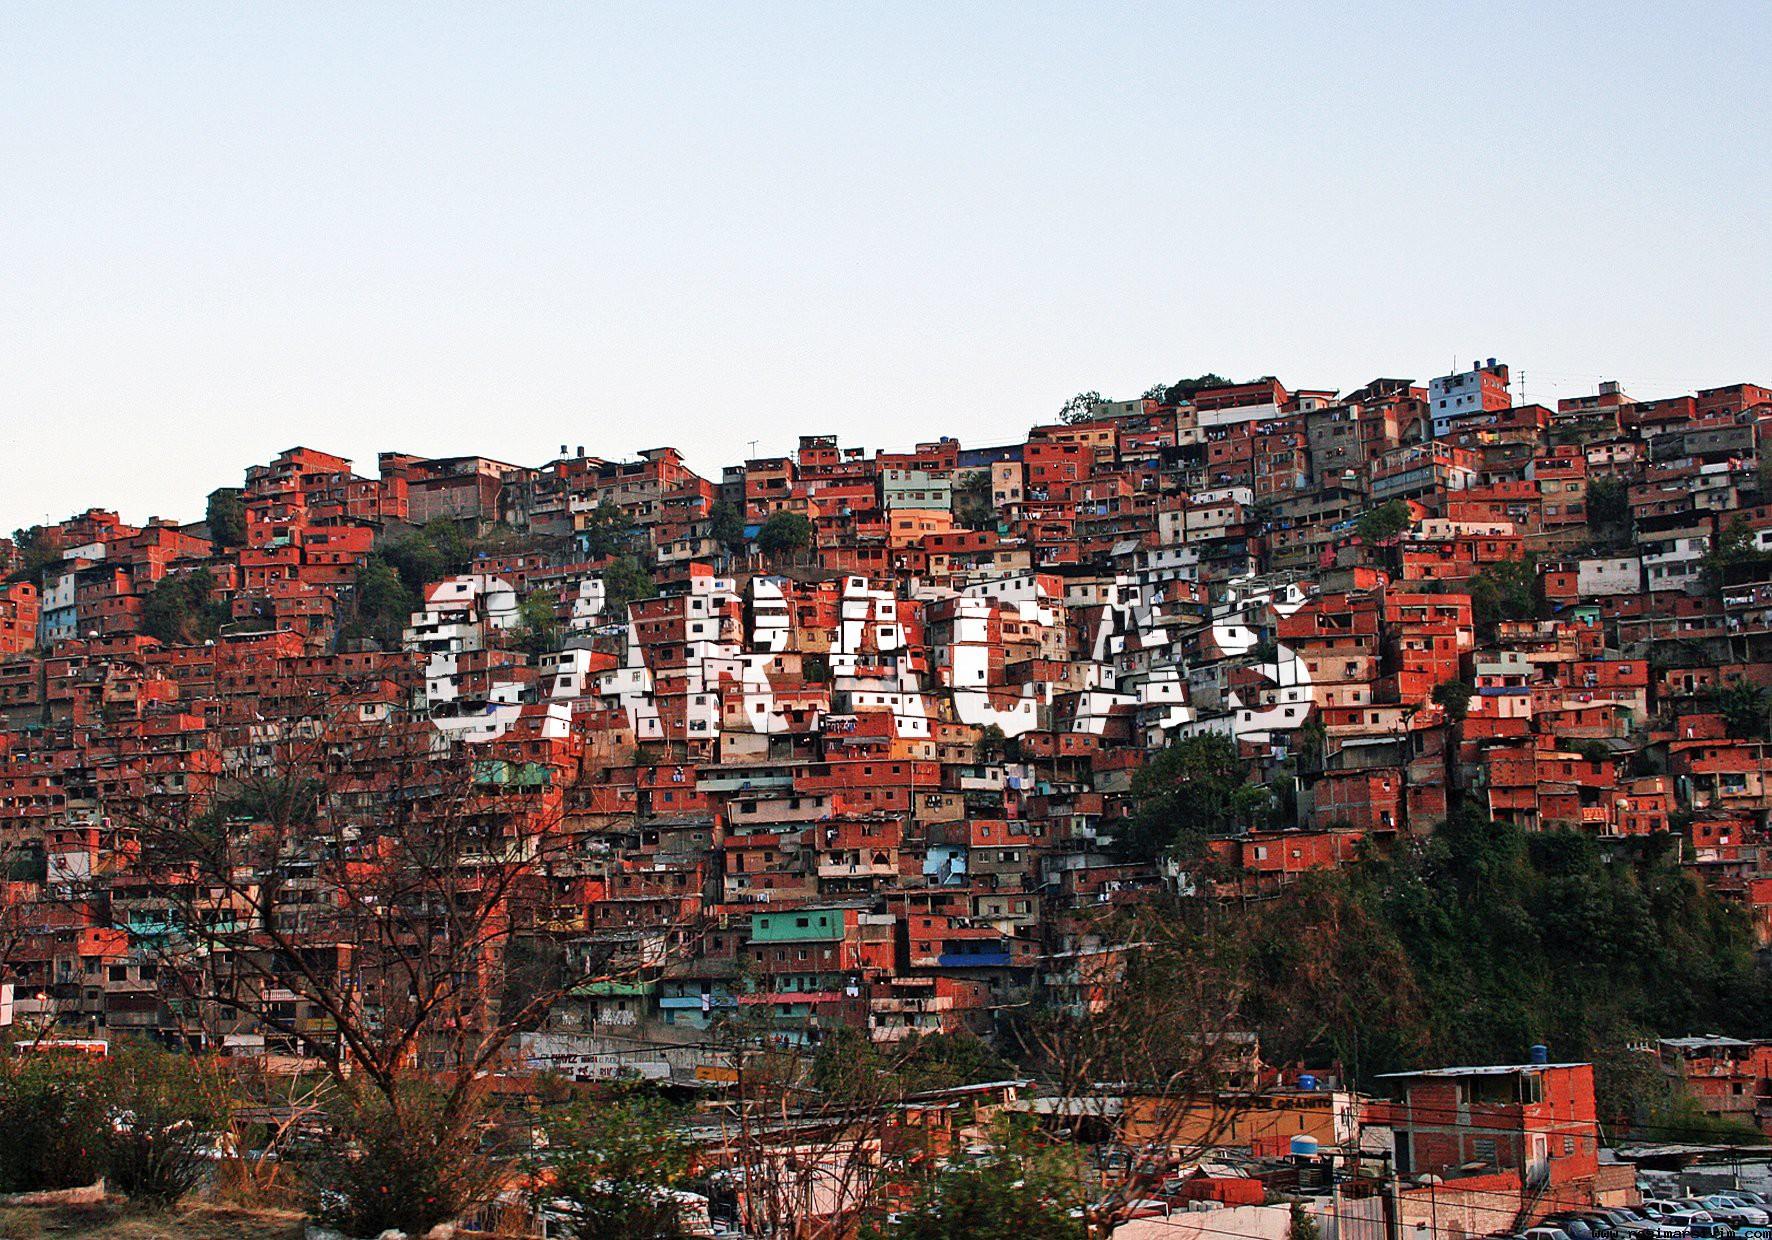 Usted está ingresando a una página web que no pertenece al Banco de Venezuela